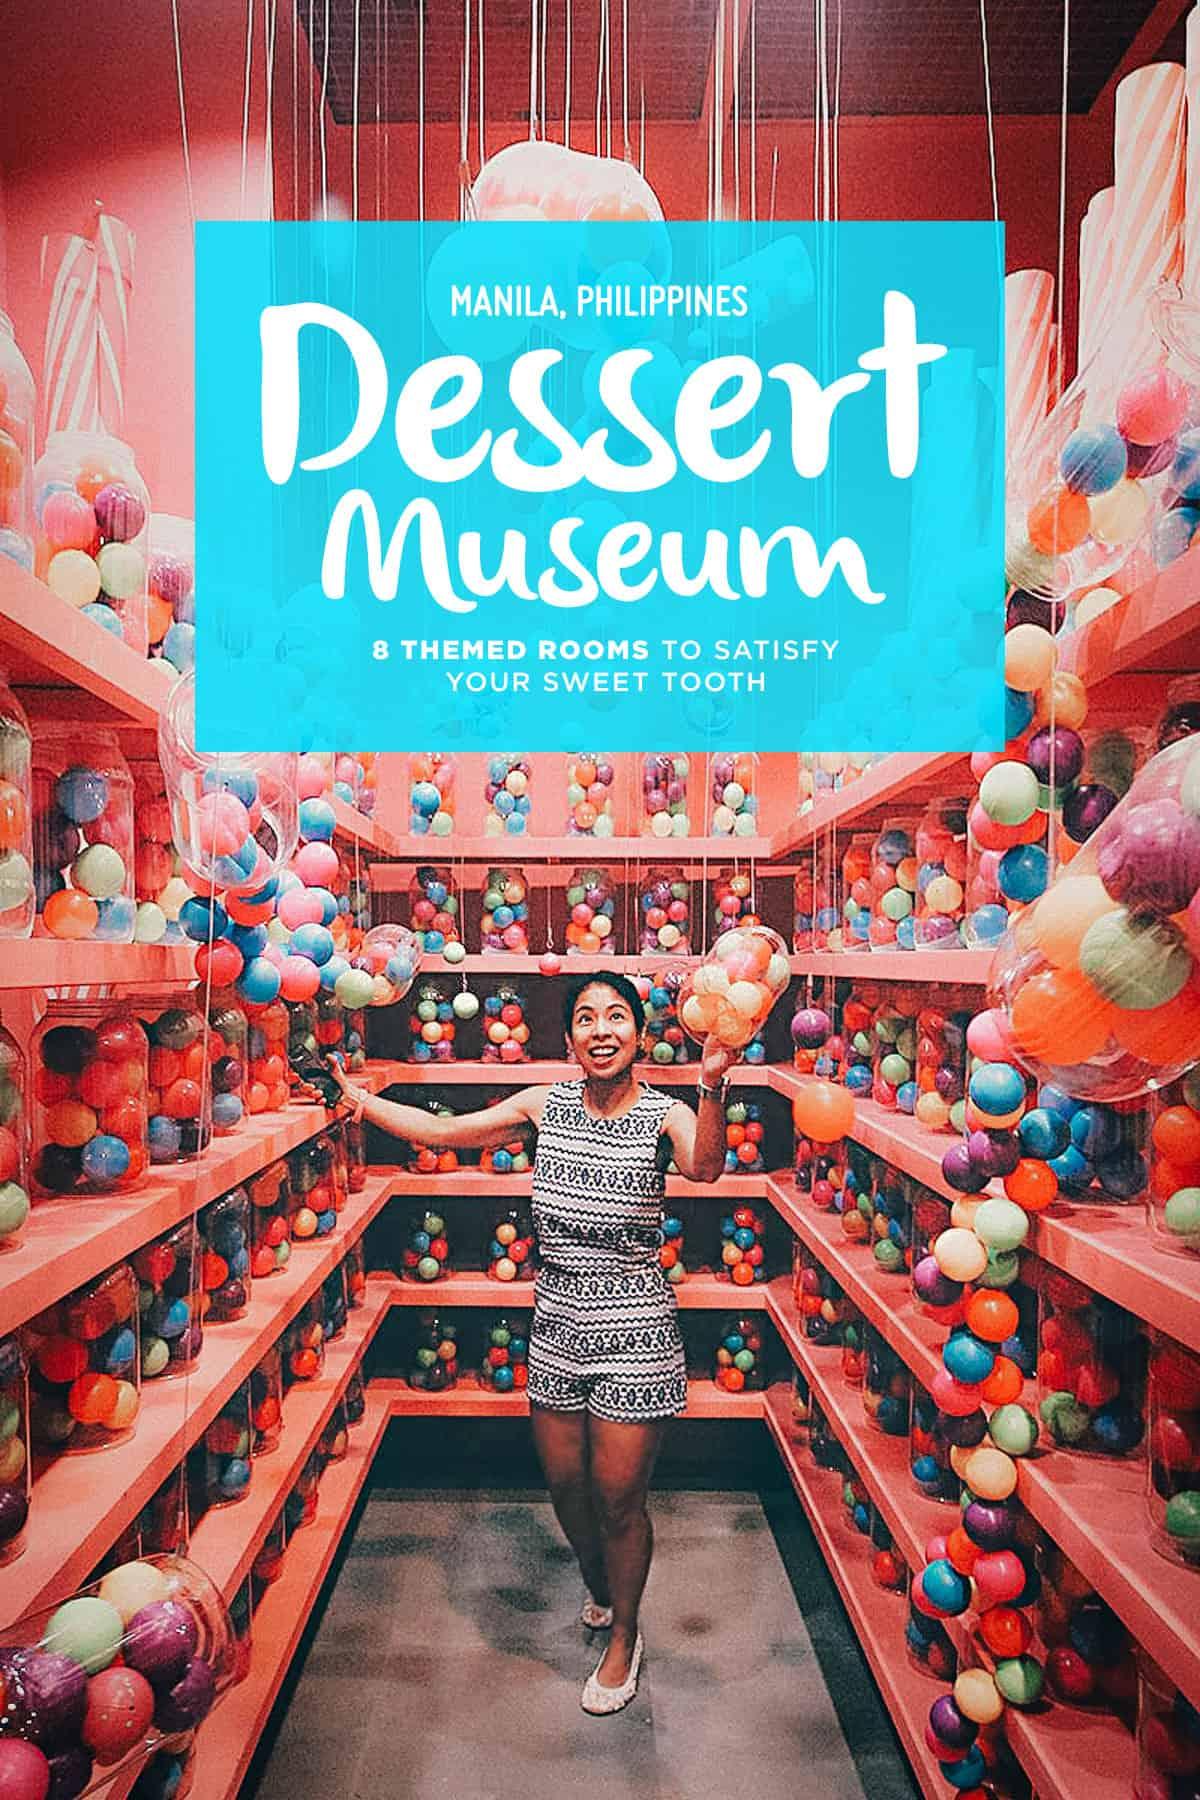 Dessert Museum, Manila, Philippines